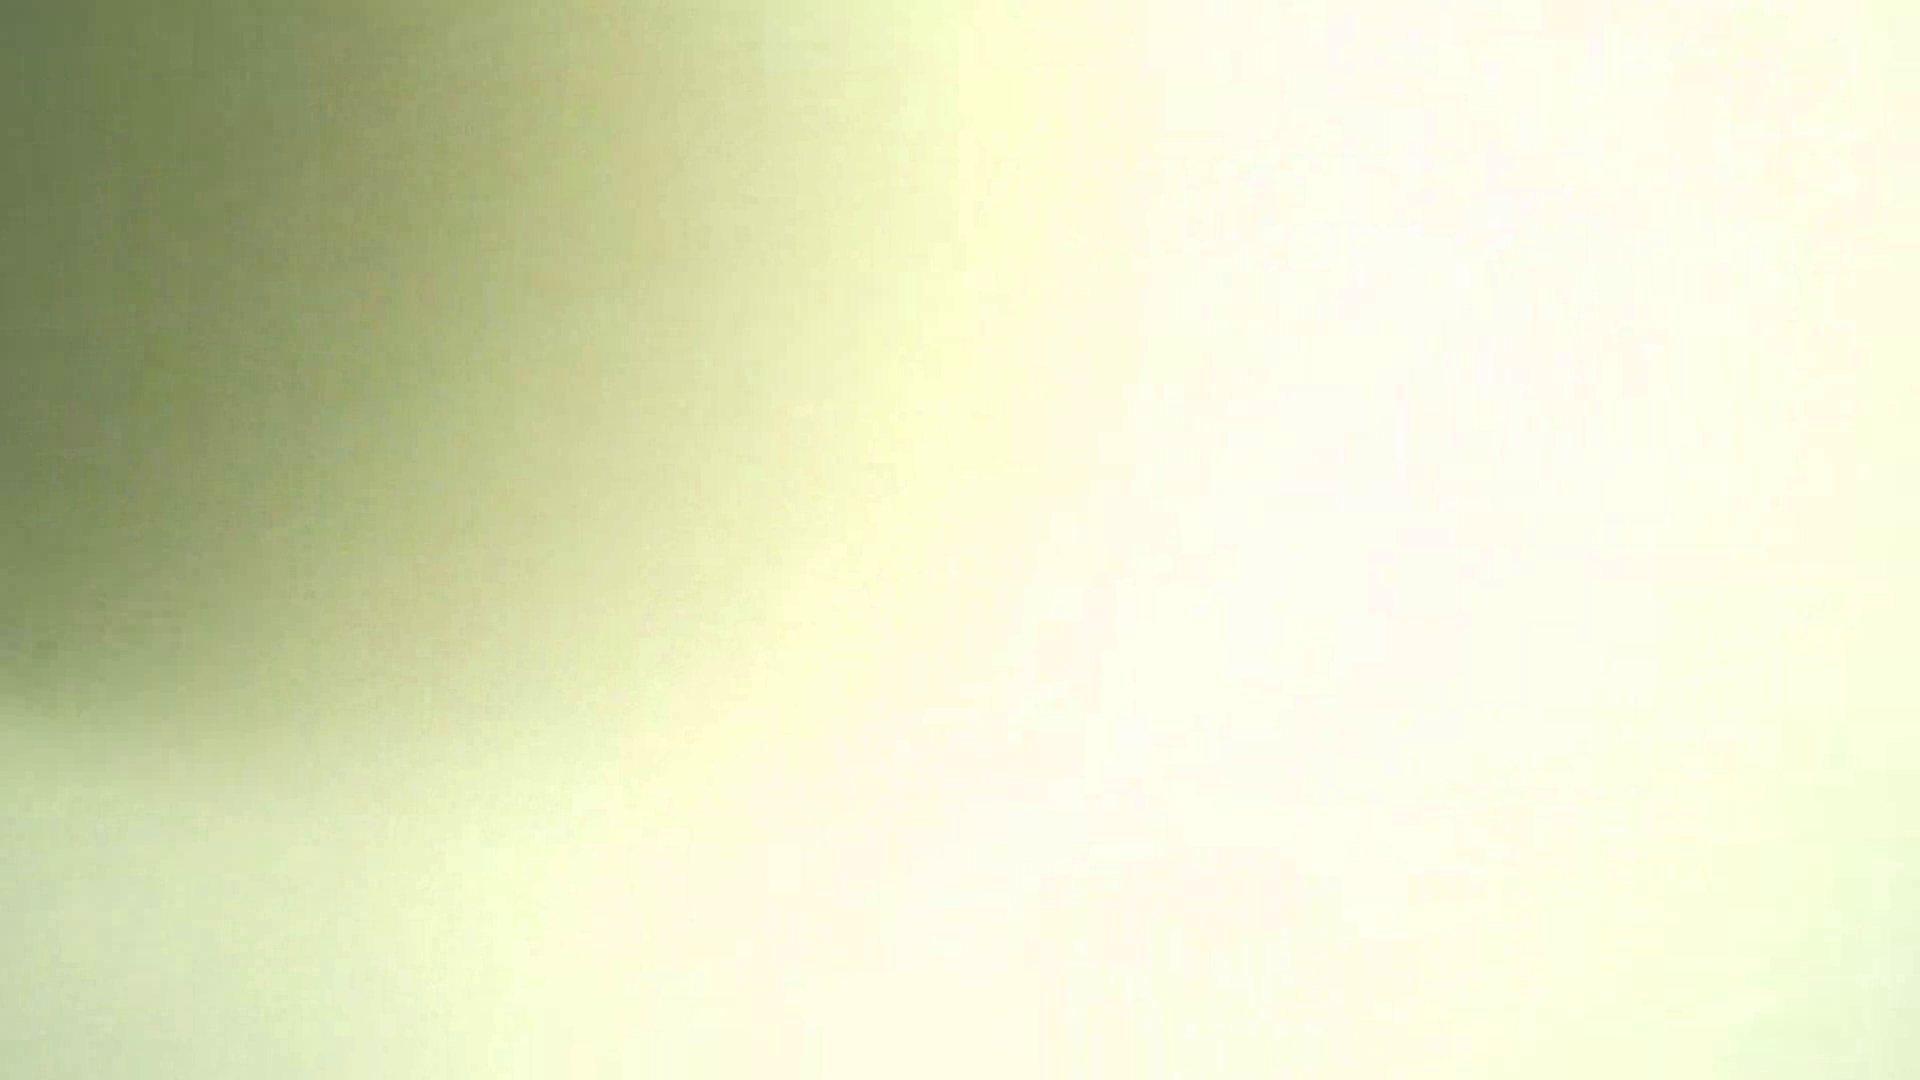 オナニーシリーズ Vol.11 私服がかっこいい ちんぽ画像 74枚 55